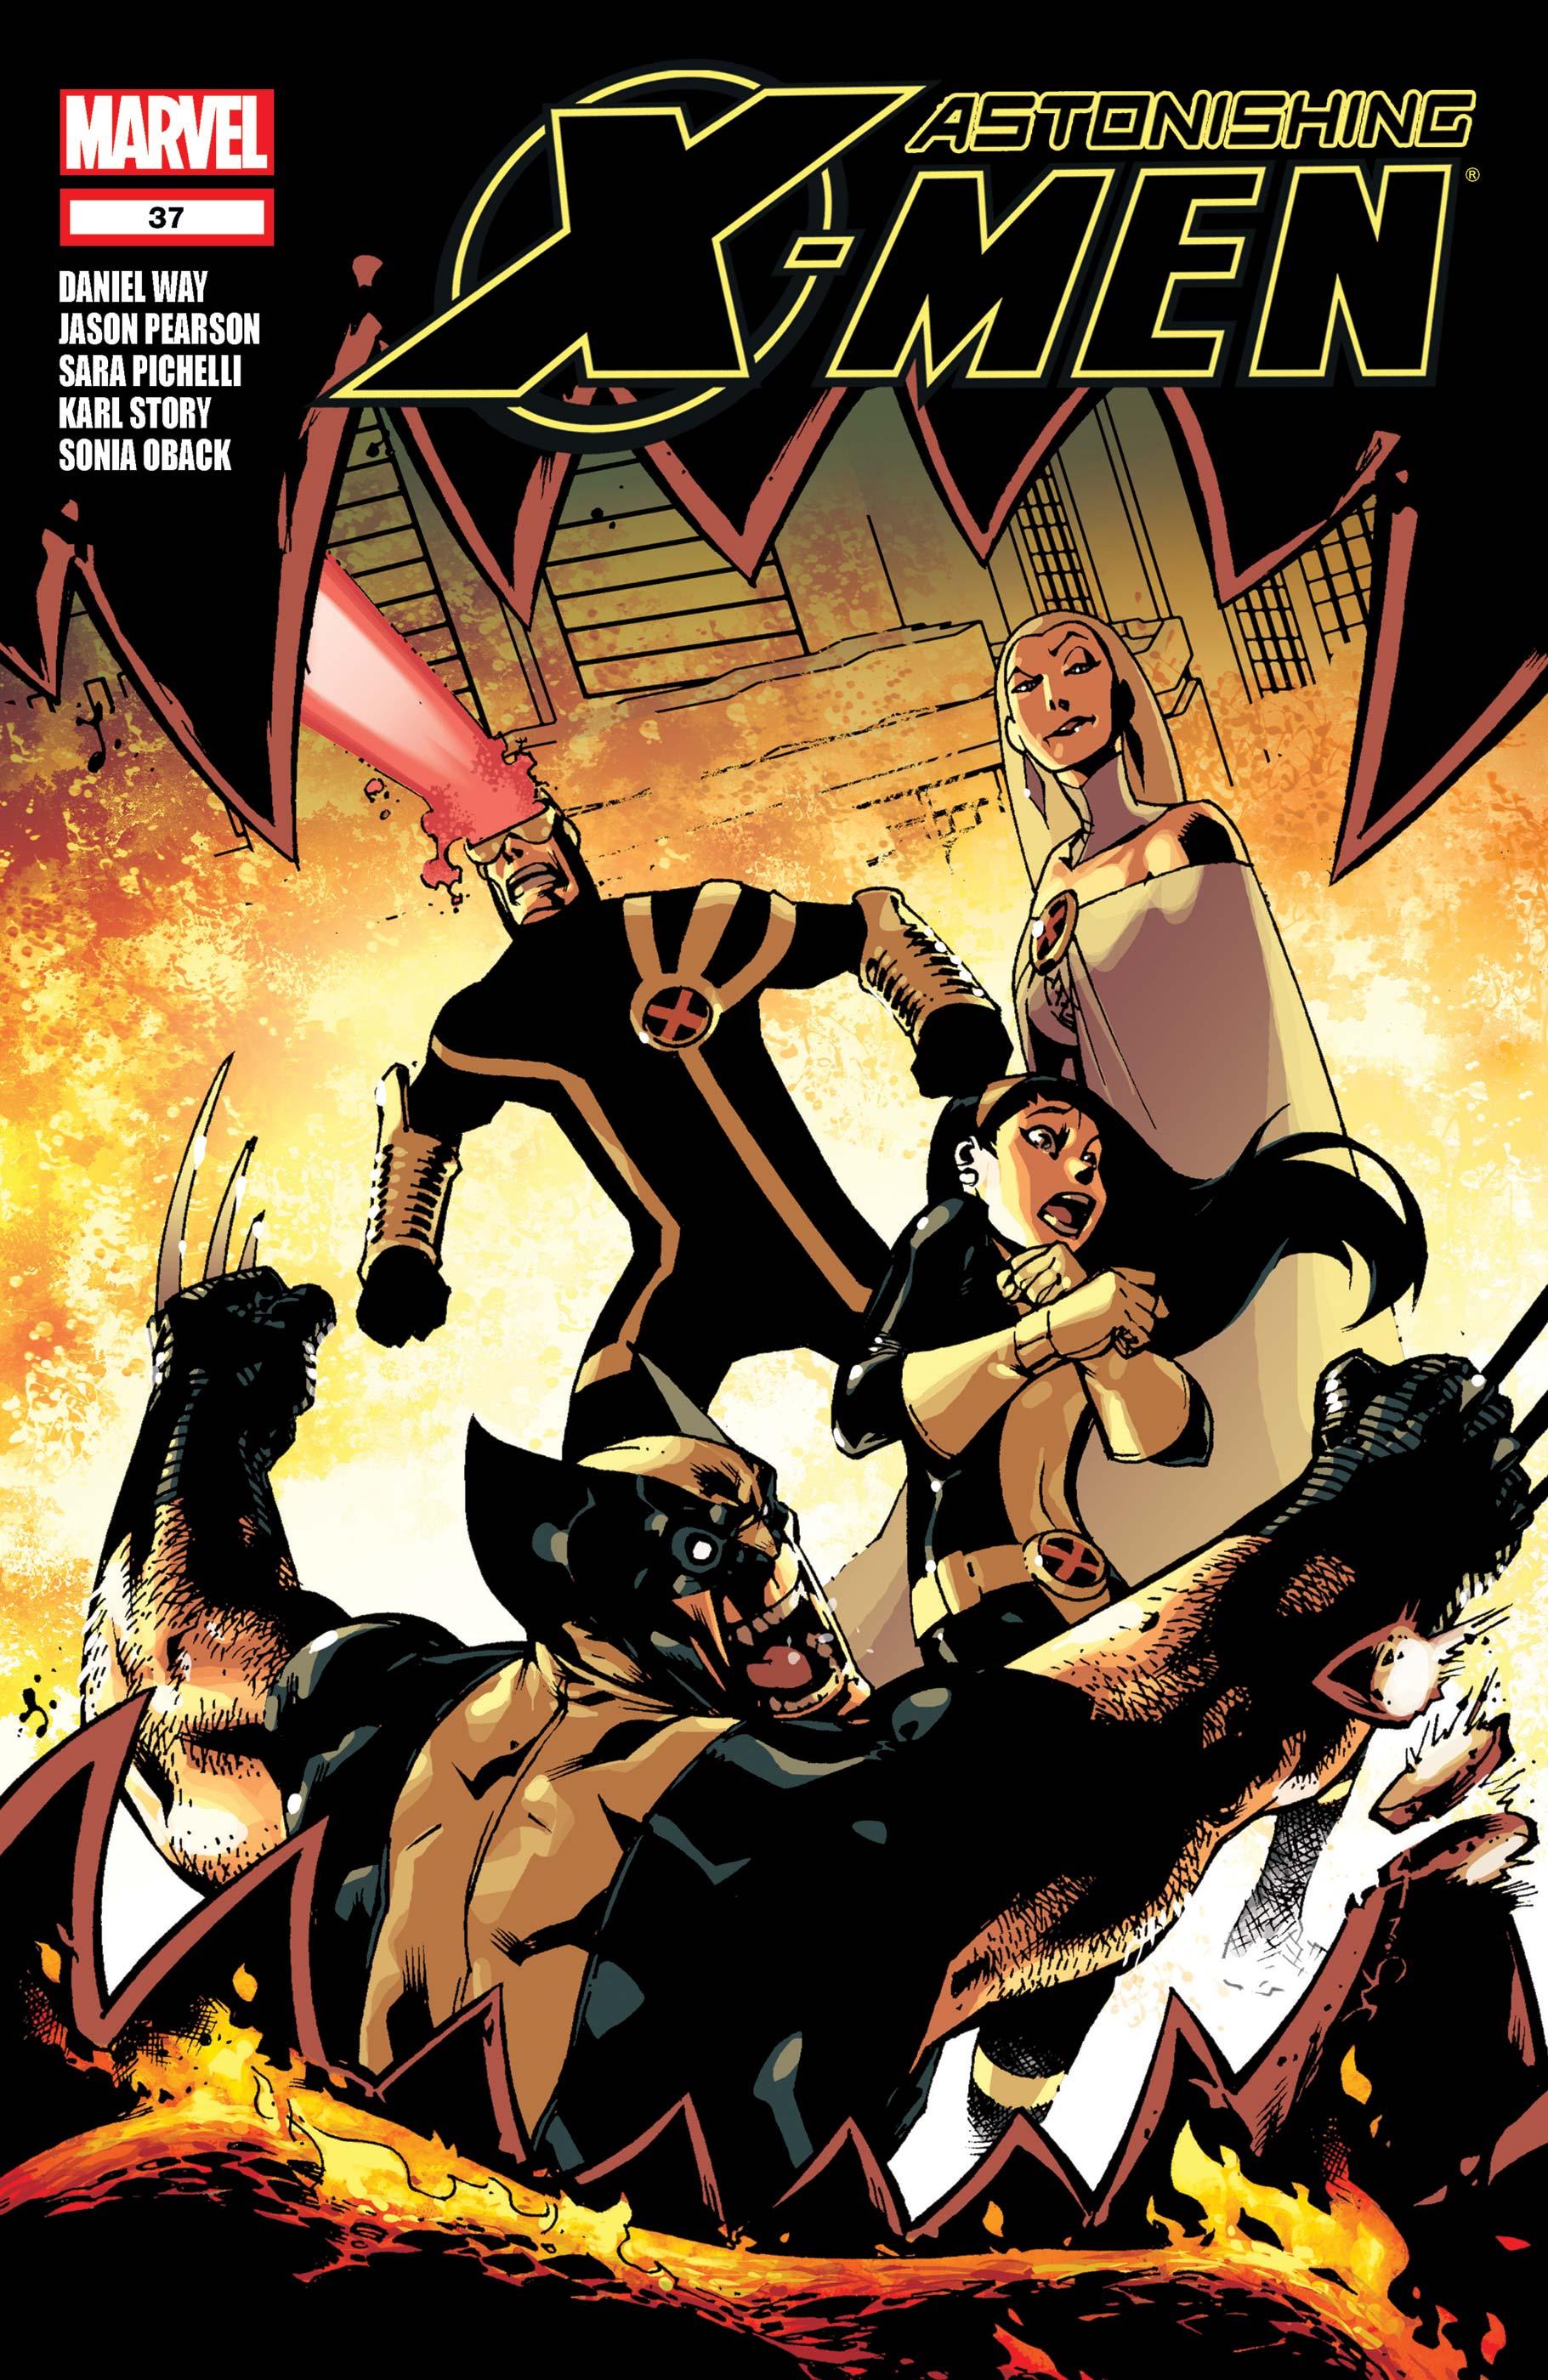 Astonishing X-Men (2004) #37